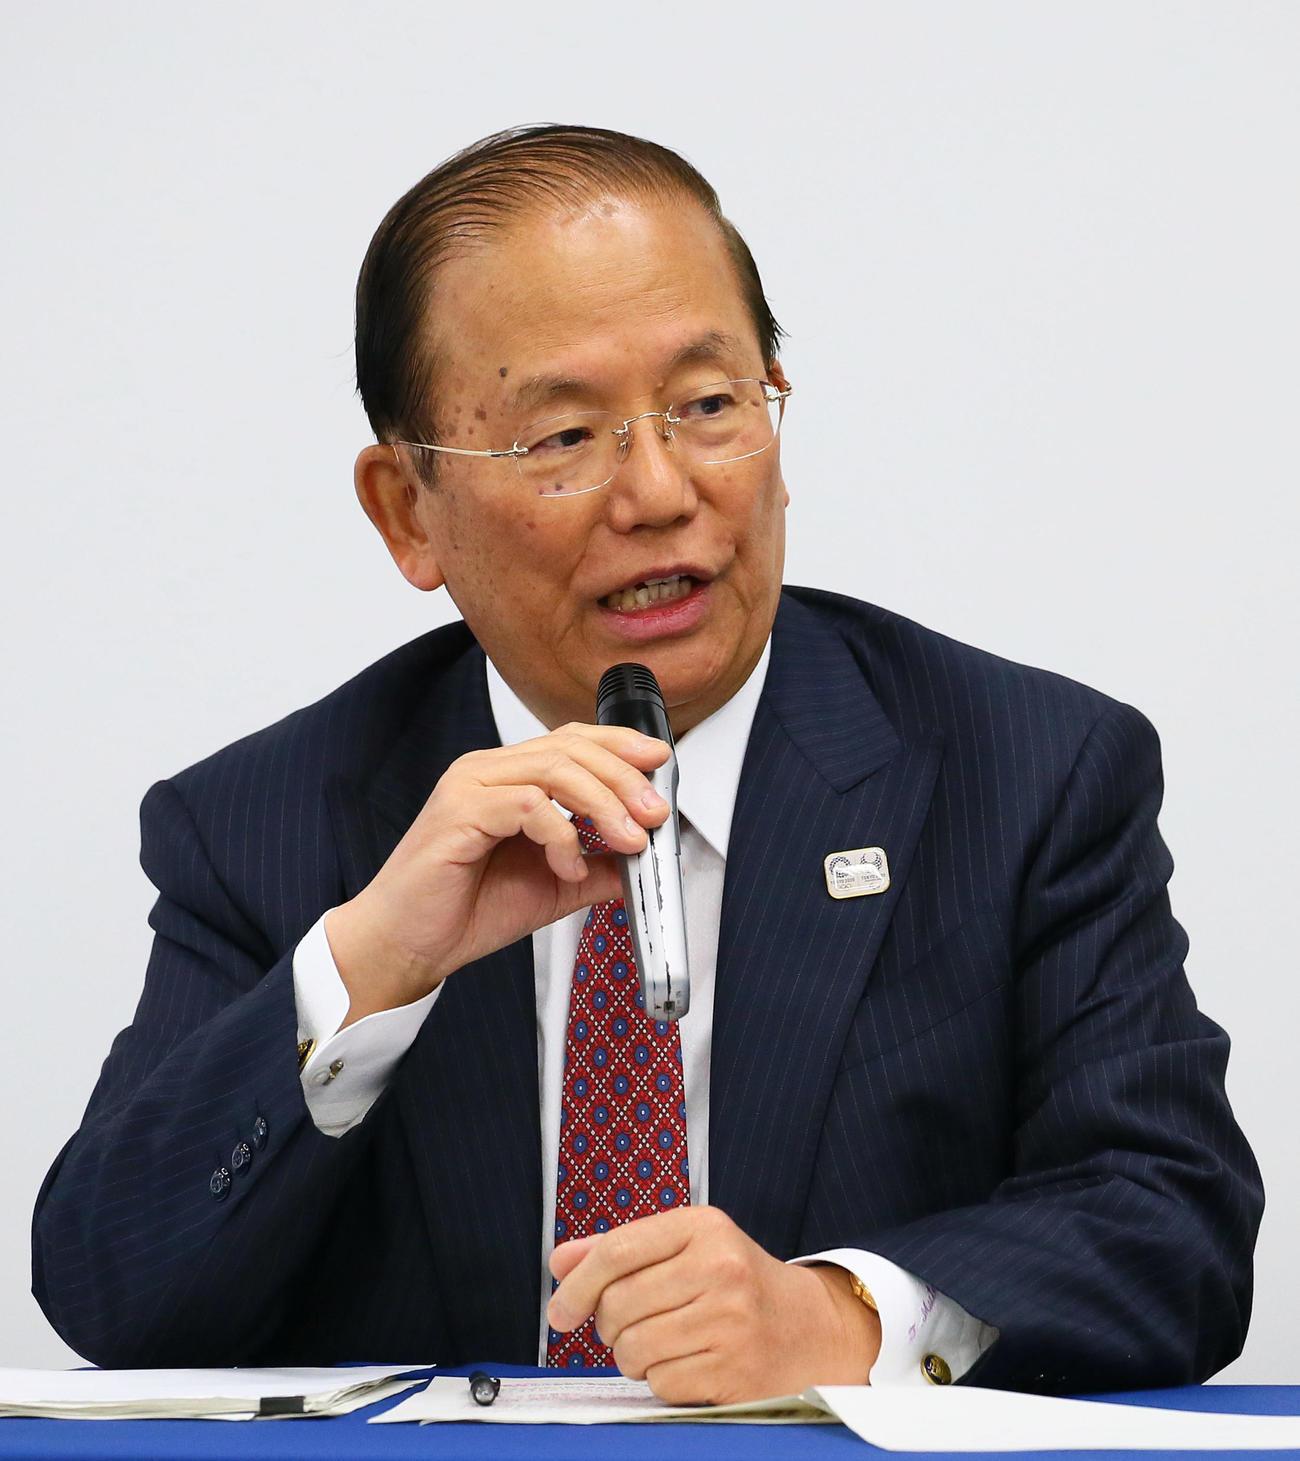 東京五輪・パラリンピック大会組織委員会の武藤事務総長(2020年3月23日撮影)